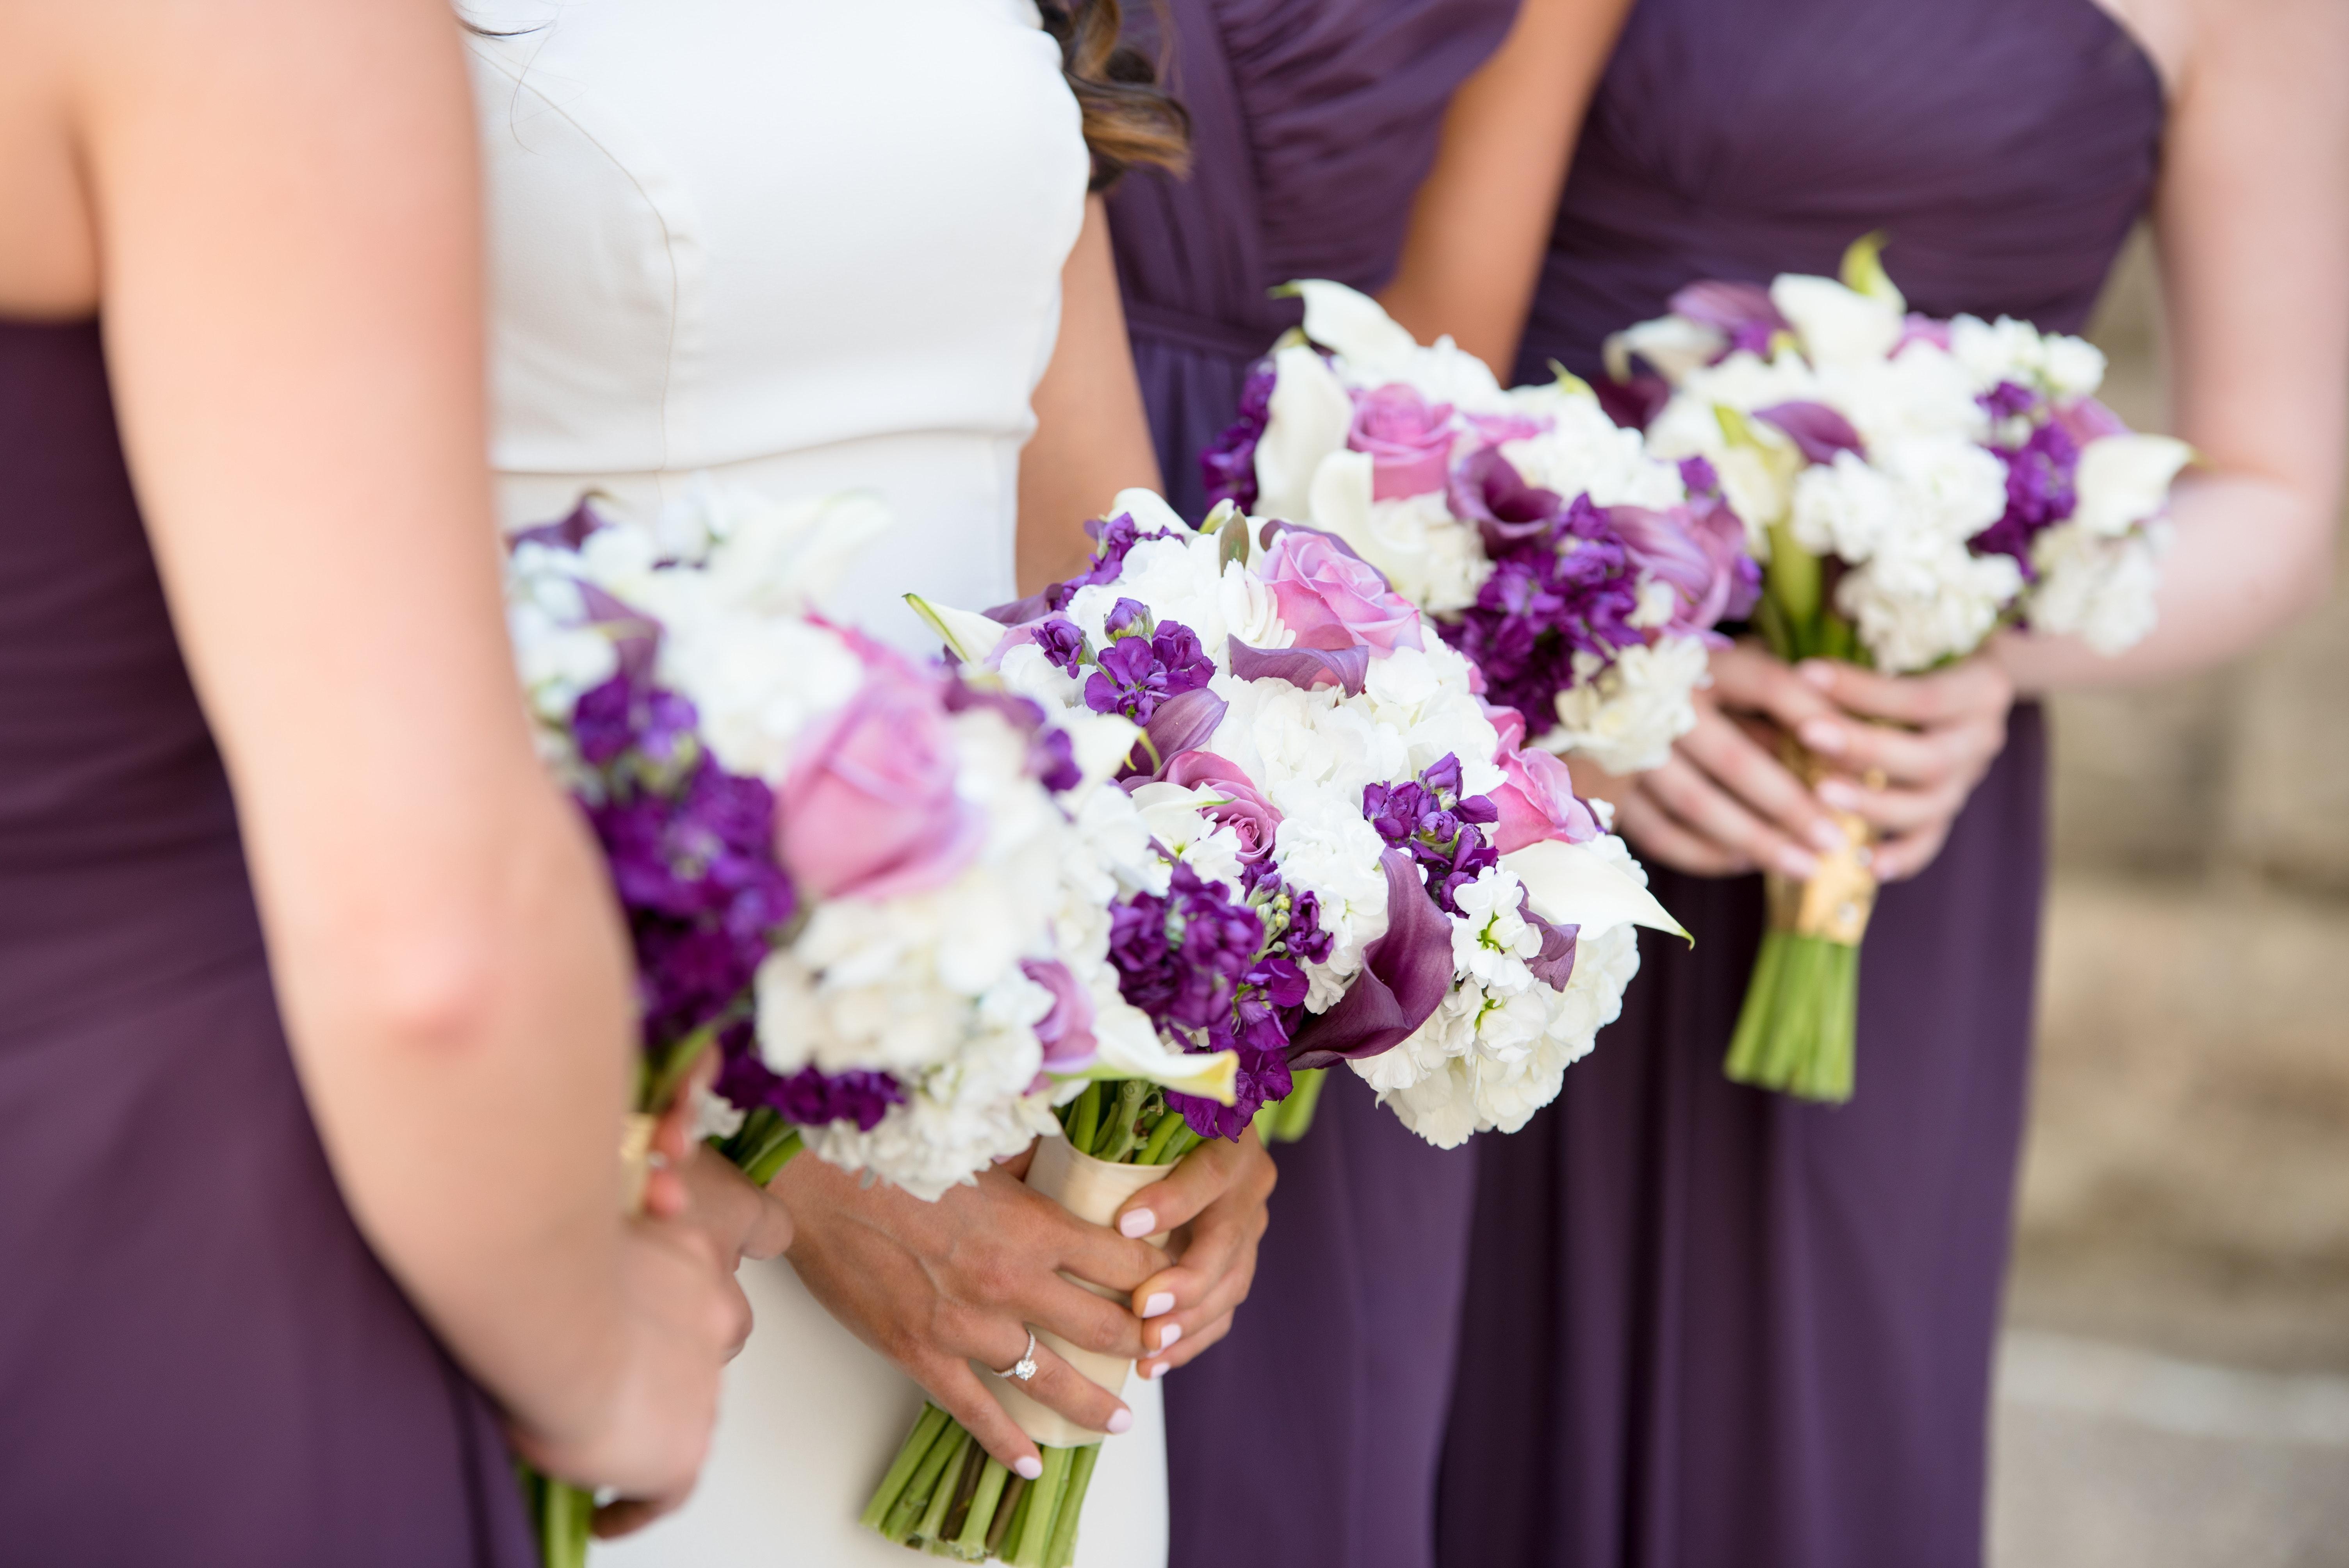 d58c42bf4f71 blomma blombukett blomsterarrangemang fotografera lila brud blomster  lavendel- violett lila tärna bröllop klänning snittblommor blommönster